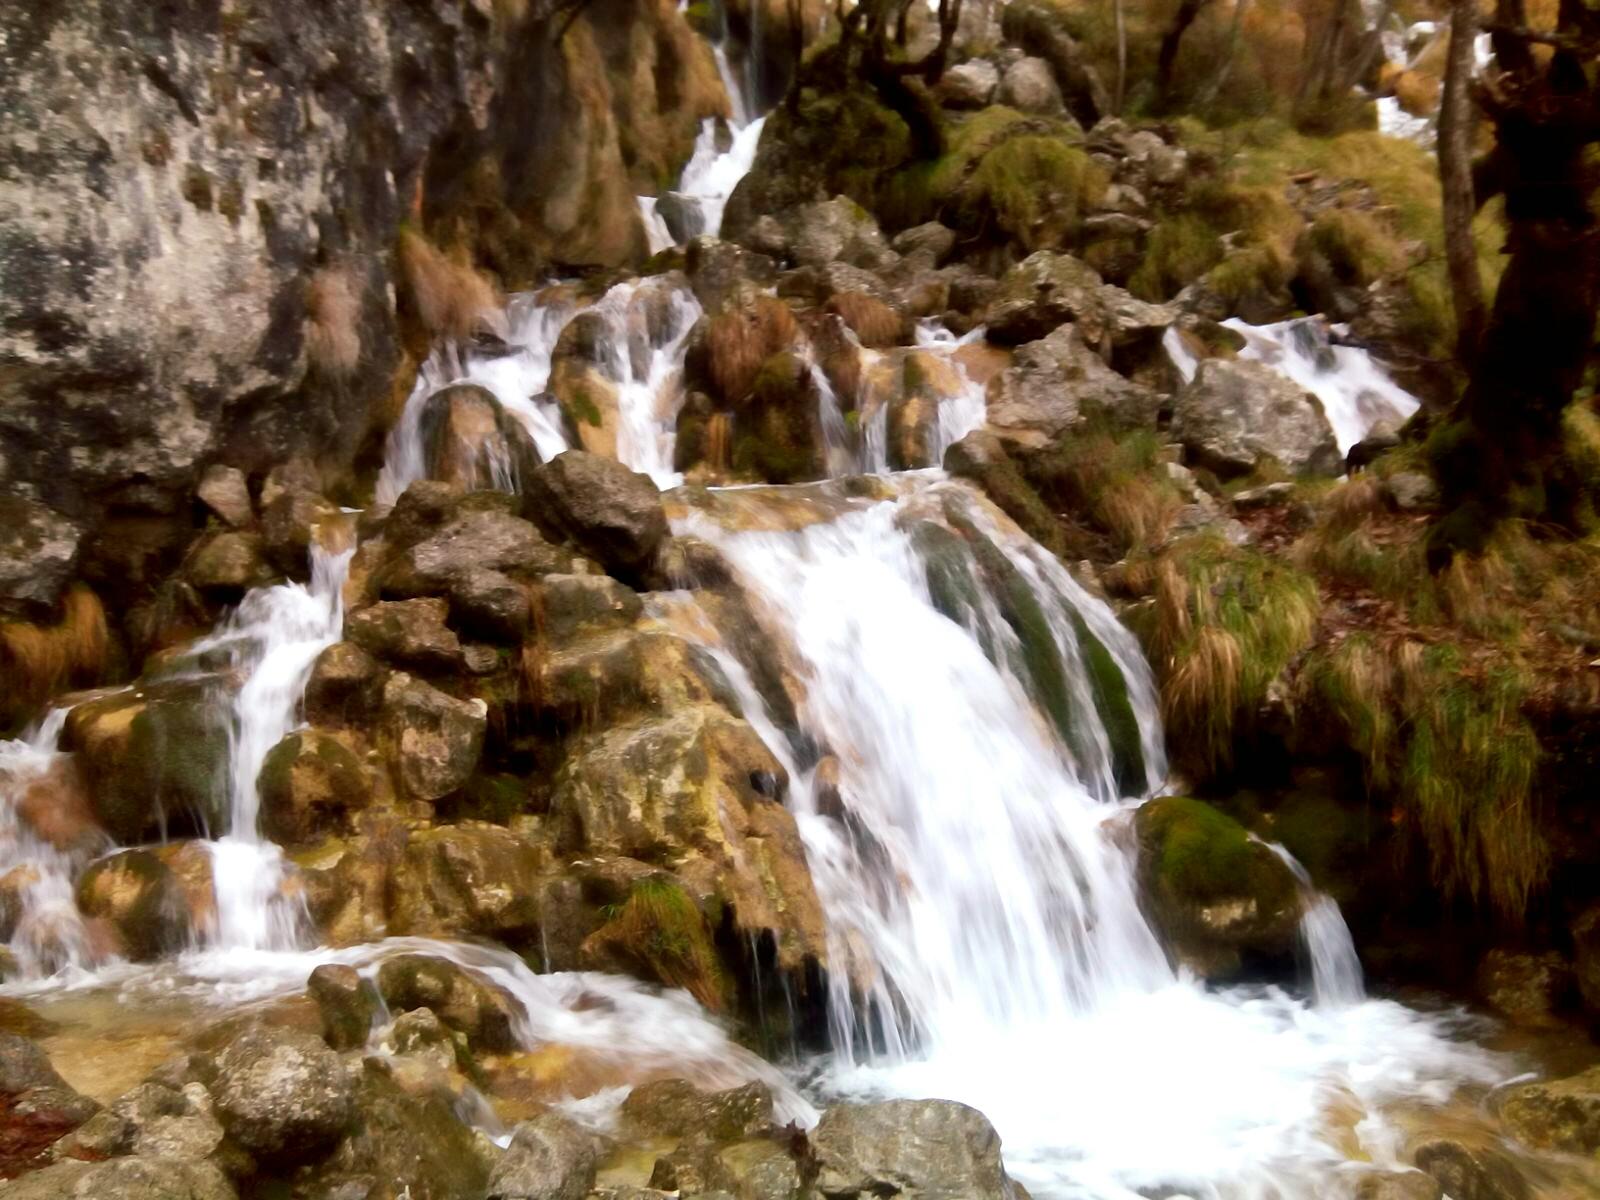 Verso la cascata, seguendo una carpa che diventerà drago